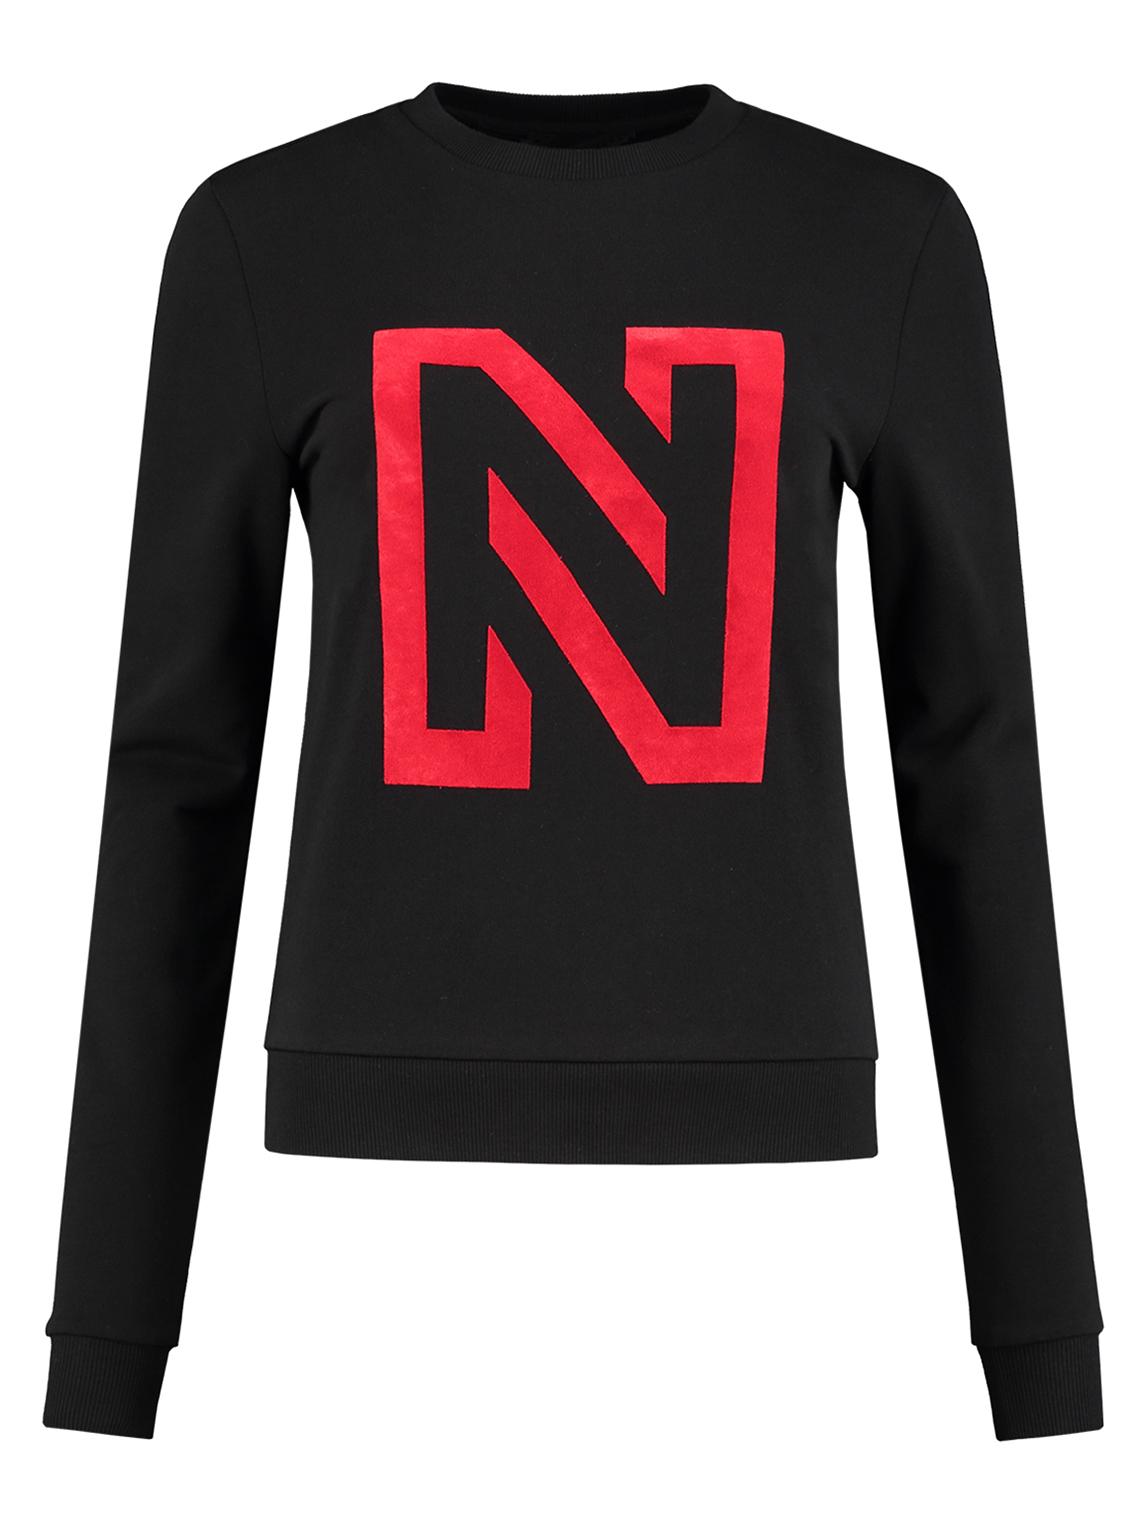 Zwarte dames trui met letter N Nikkie N Logo Sweater - N8-541 1805 9000